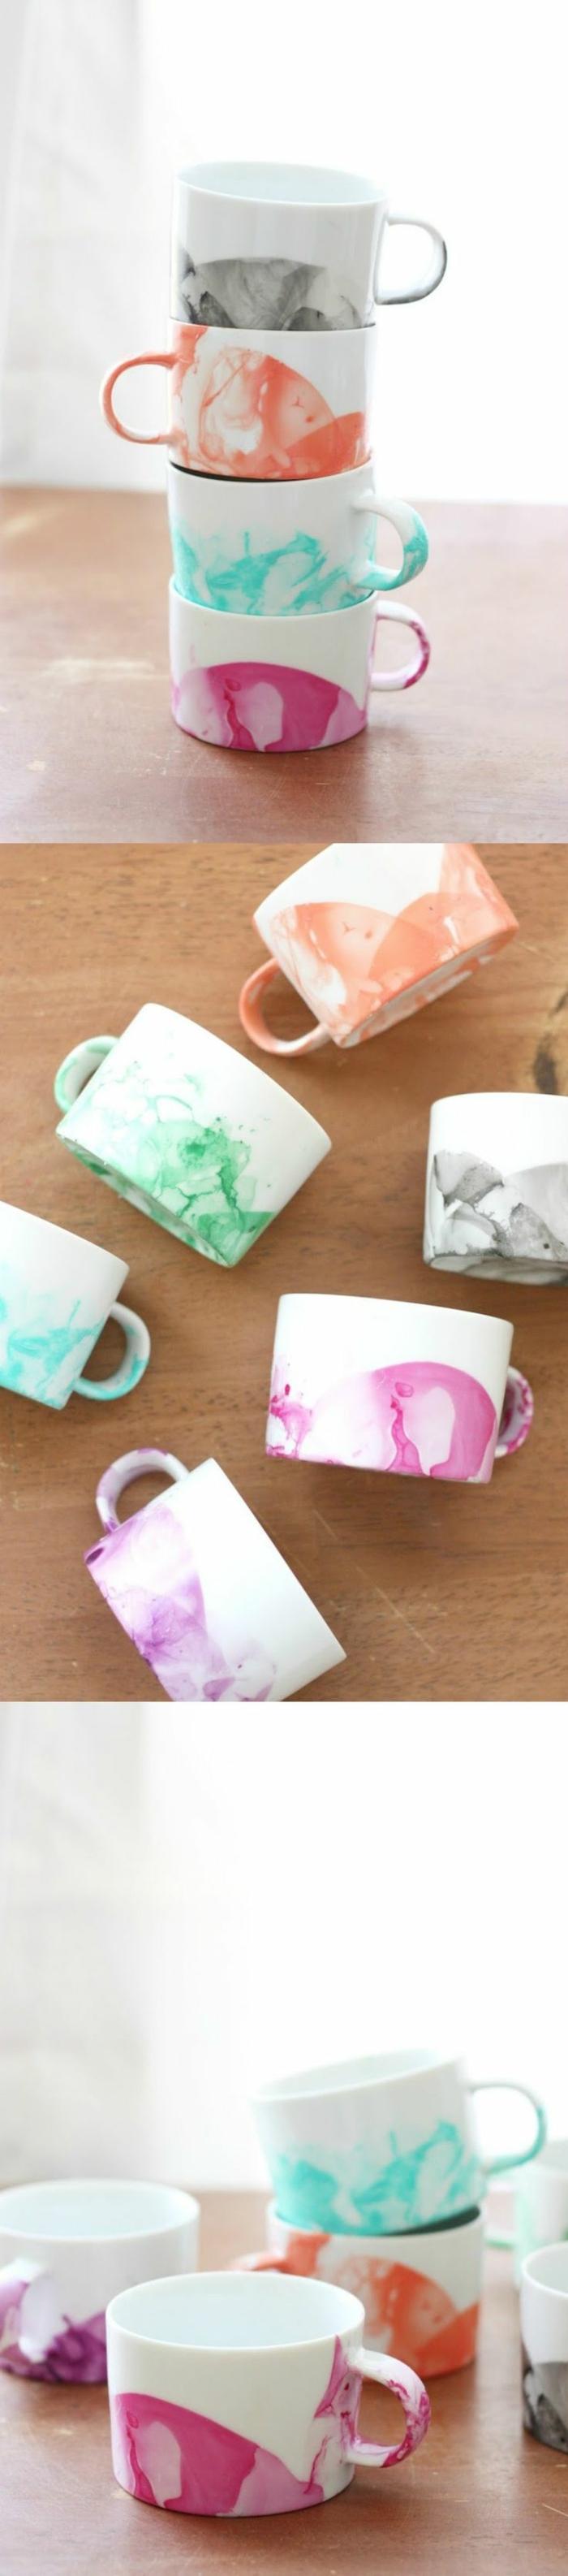 mug-photo-personnalisé-mug-personnalisé-avec-votre-photo-diy-idée